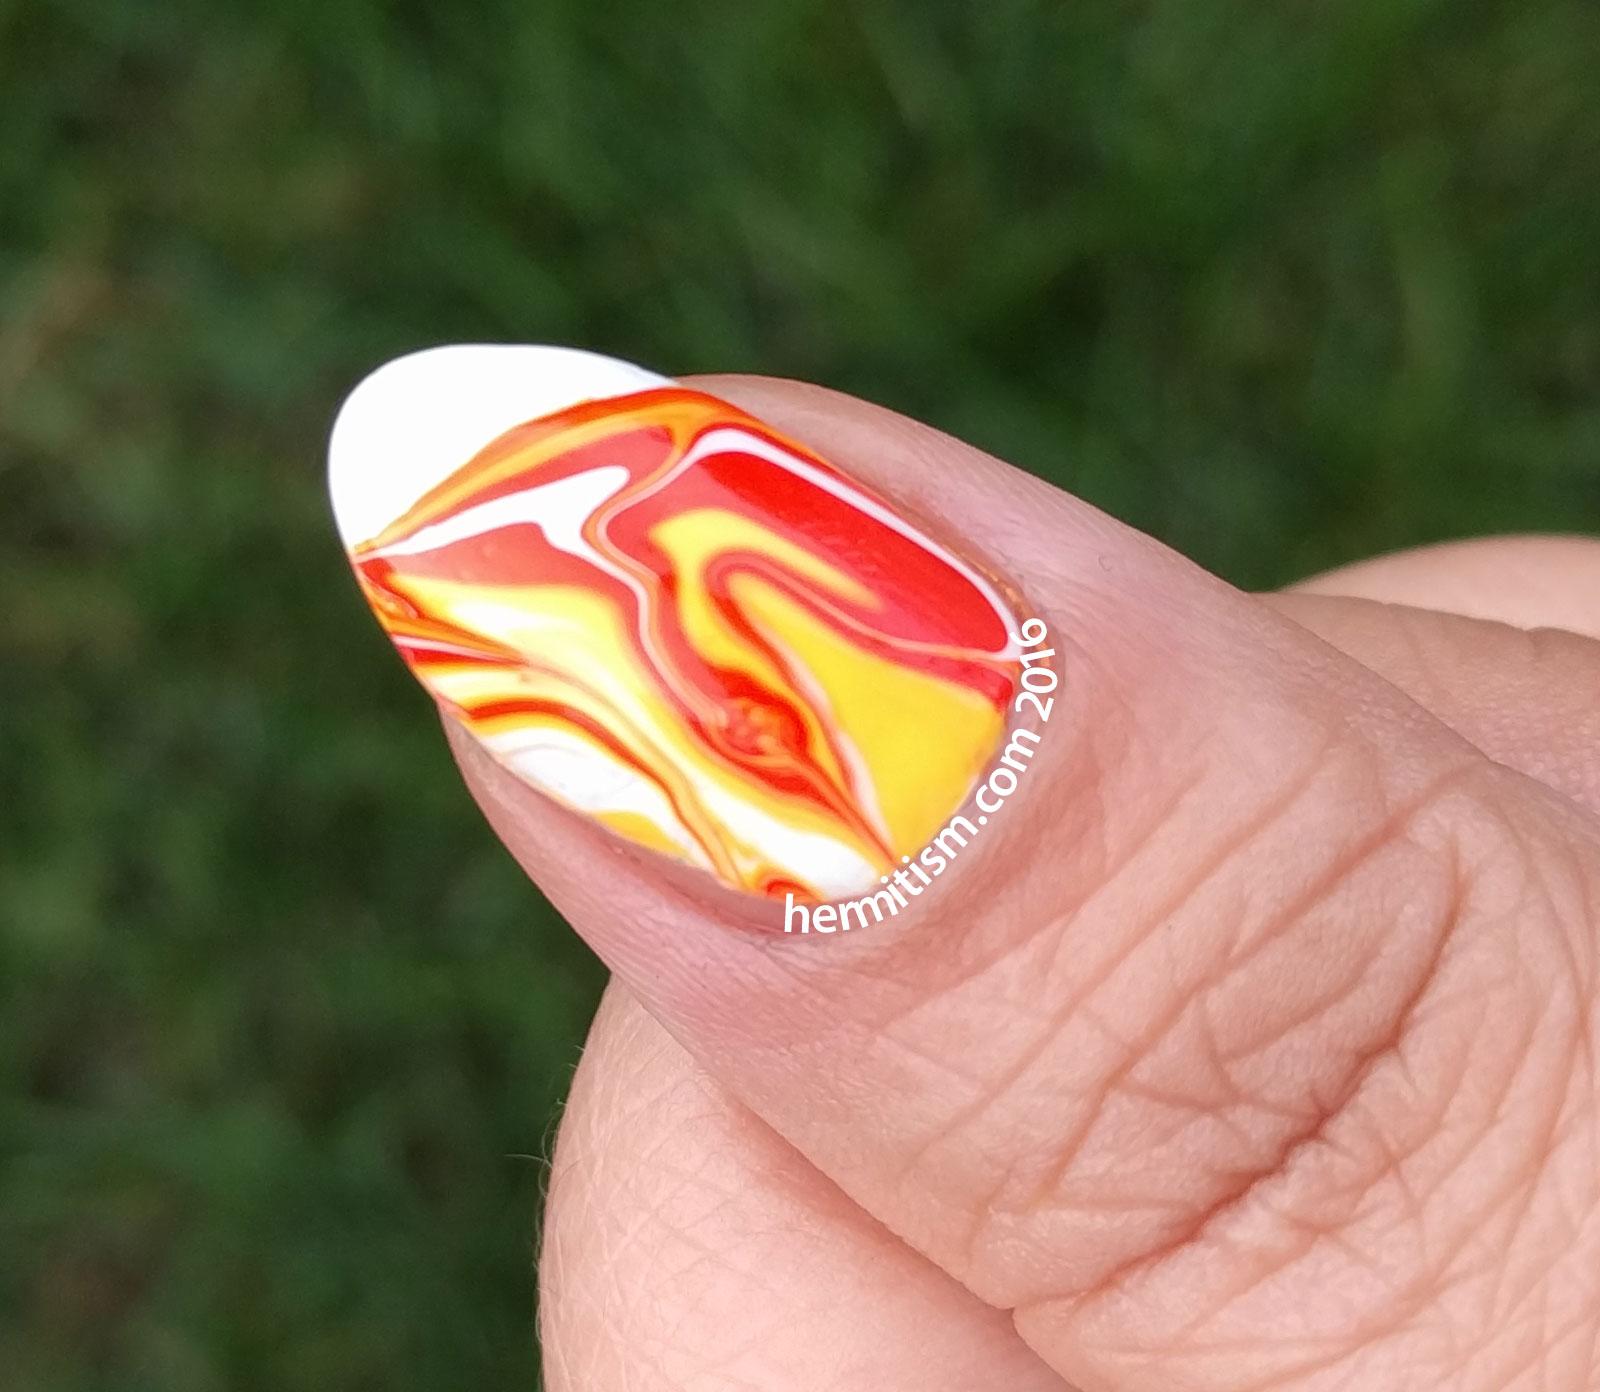 Watermarble - 31 Day Nail Art Challenge - Hermit Werds